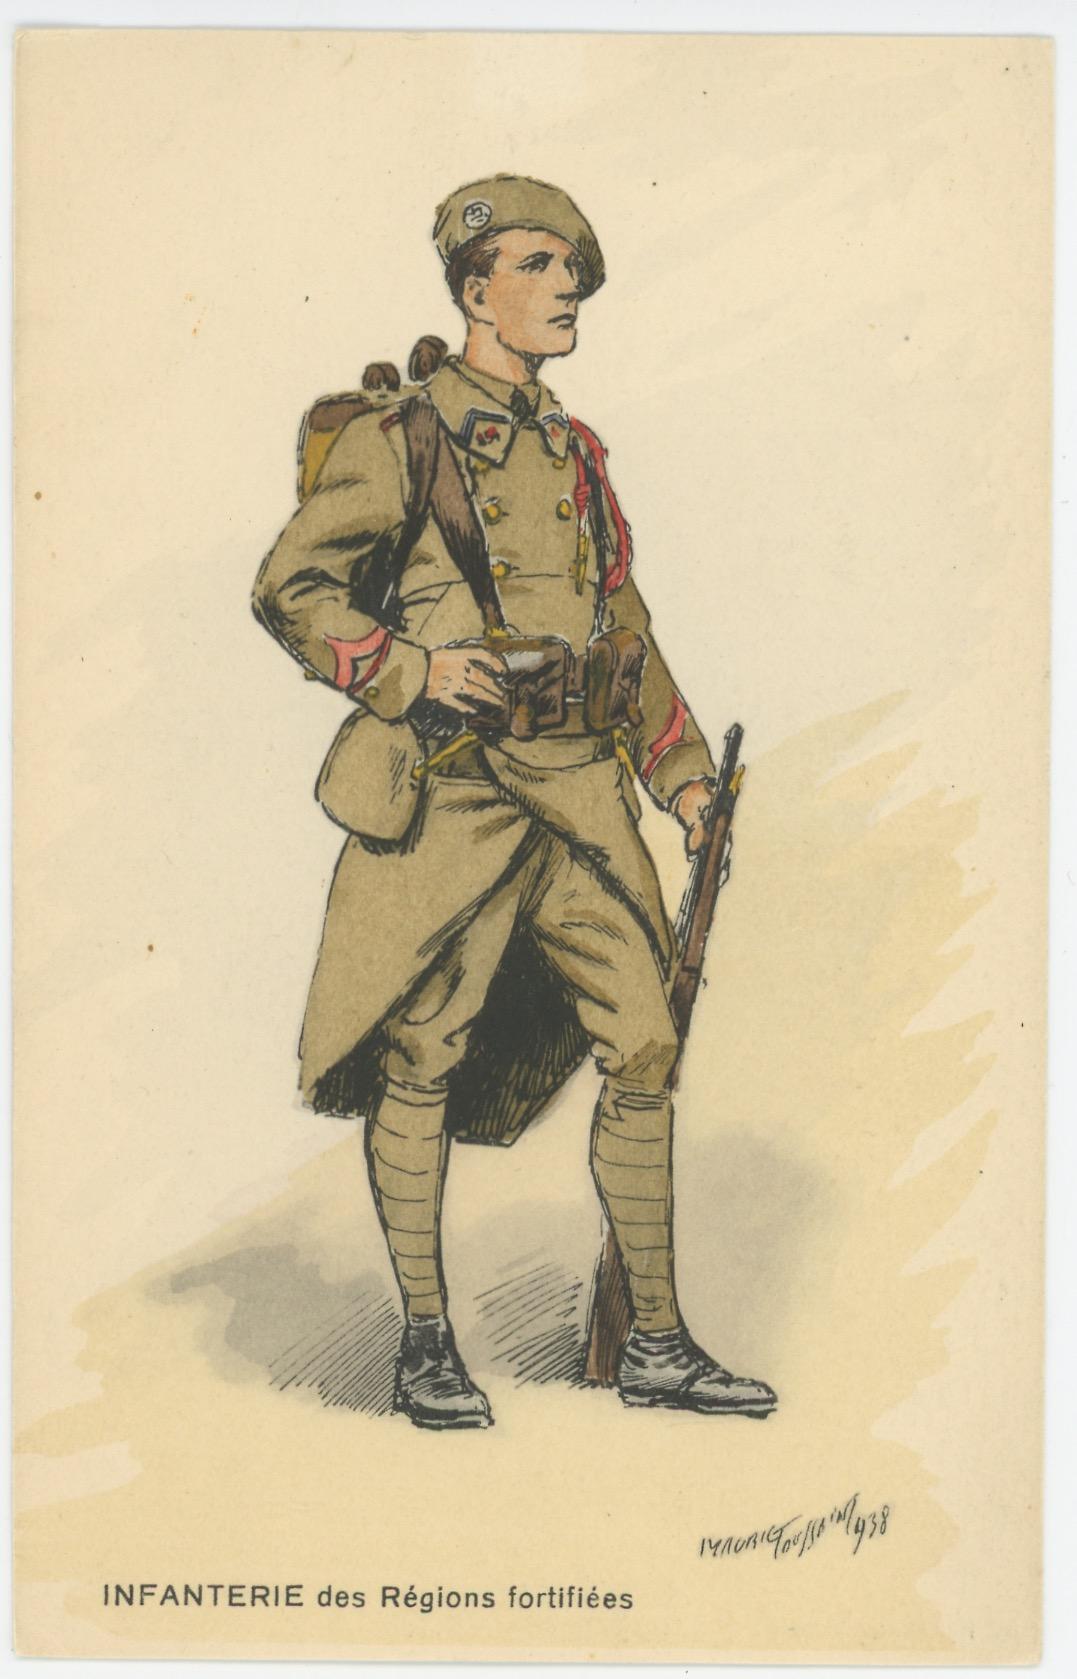 Carte Postale Illustrée - Maurice Toussaint - Edition Militaire Illustrées - Infanterie des Régions Fortifiées - 1940